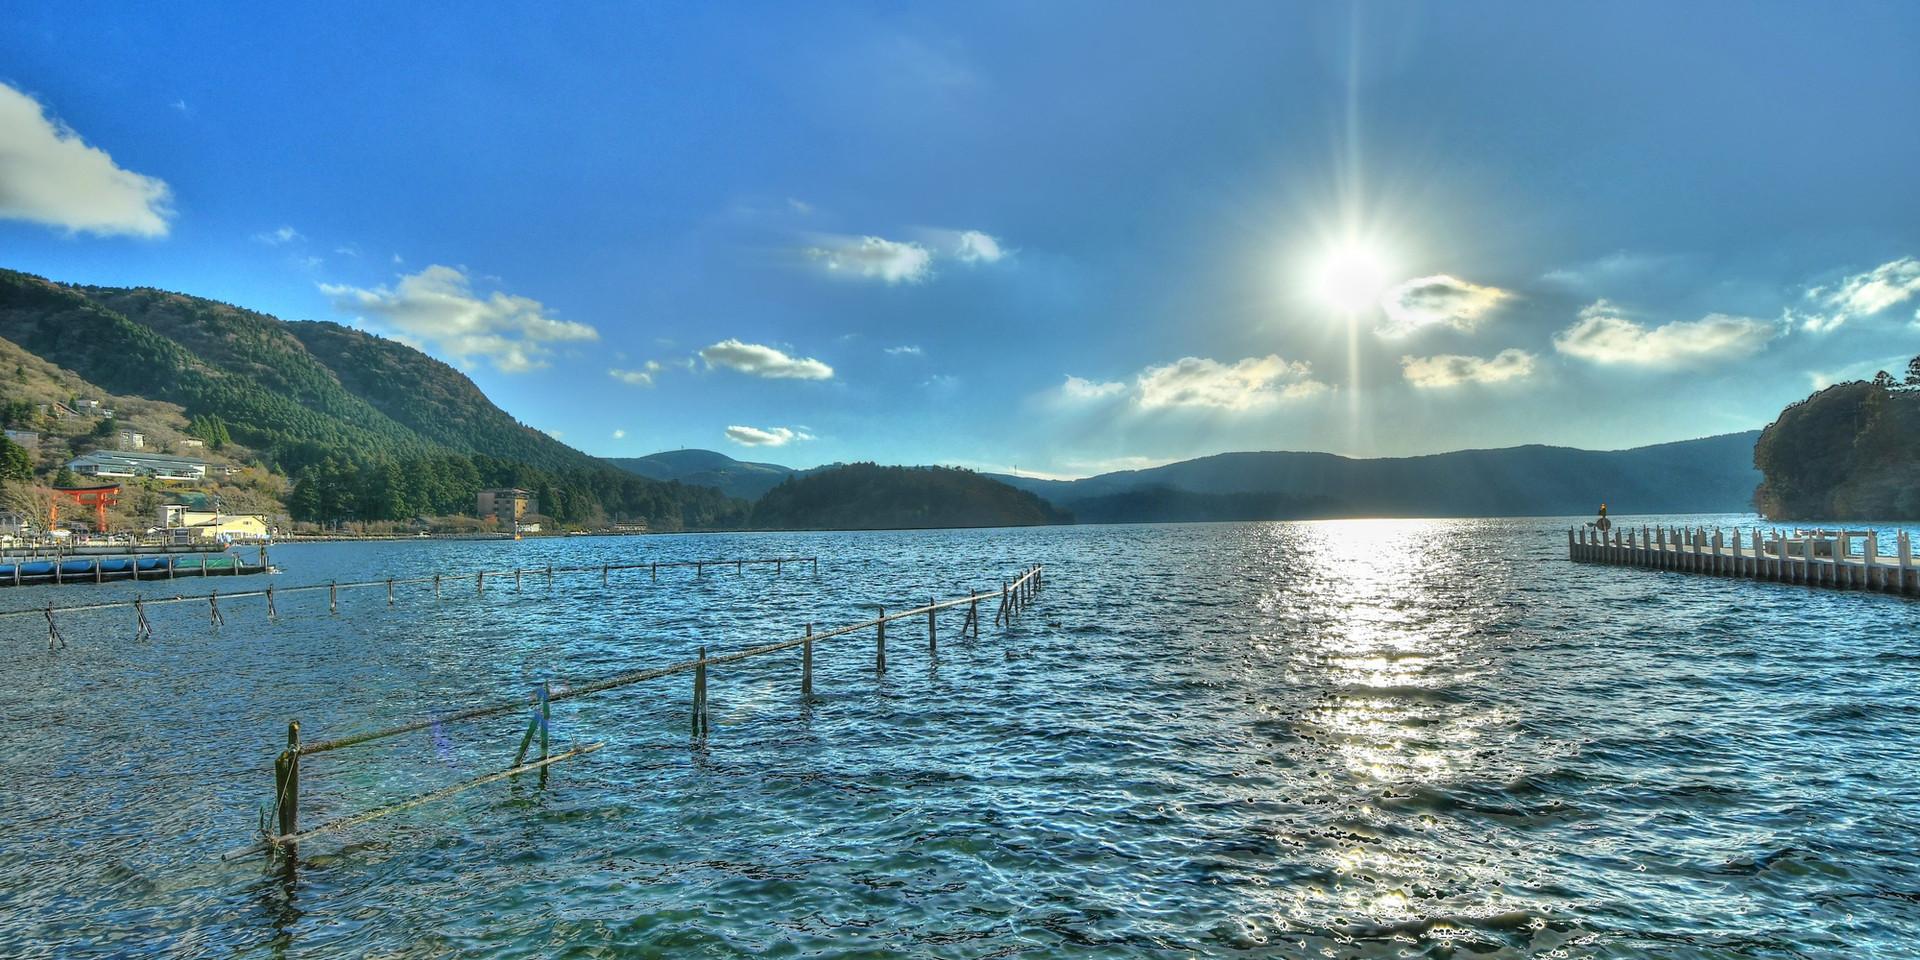 箱根の芦ノ湖